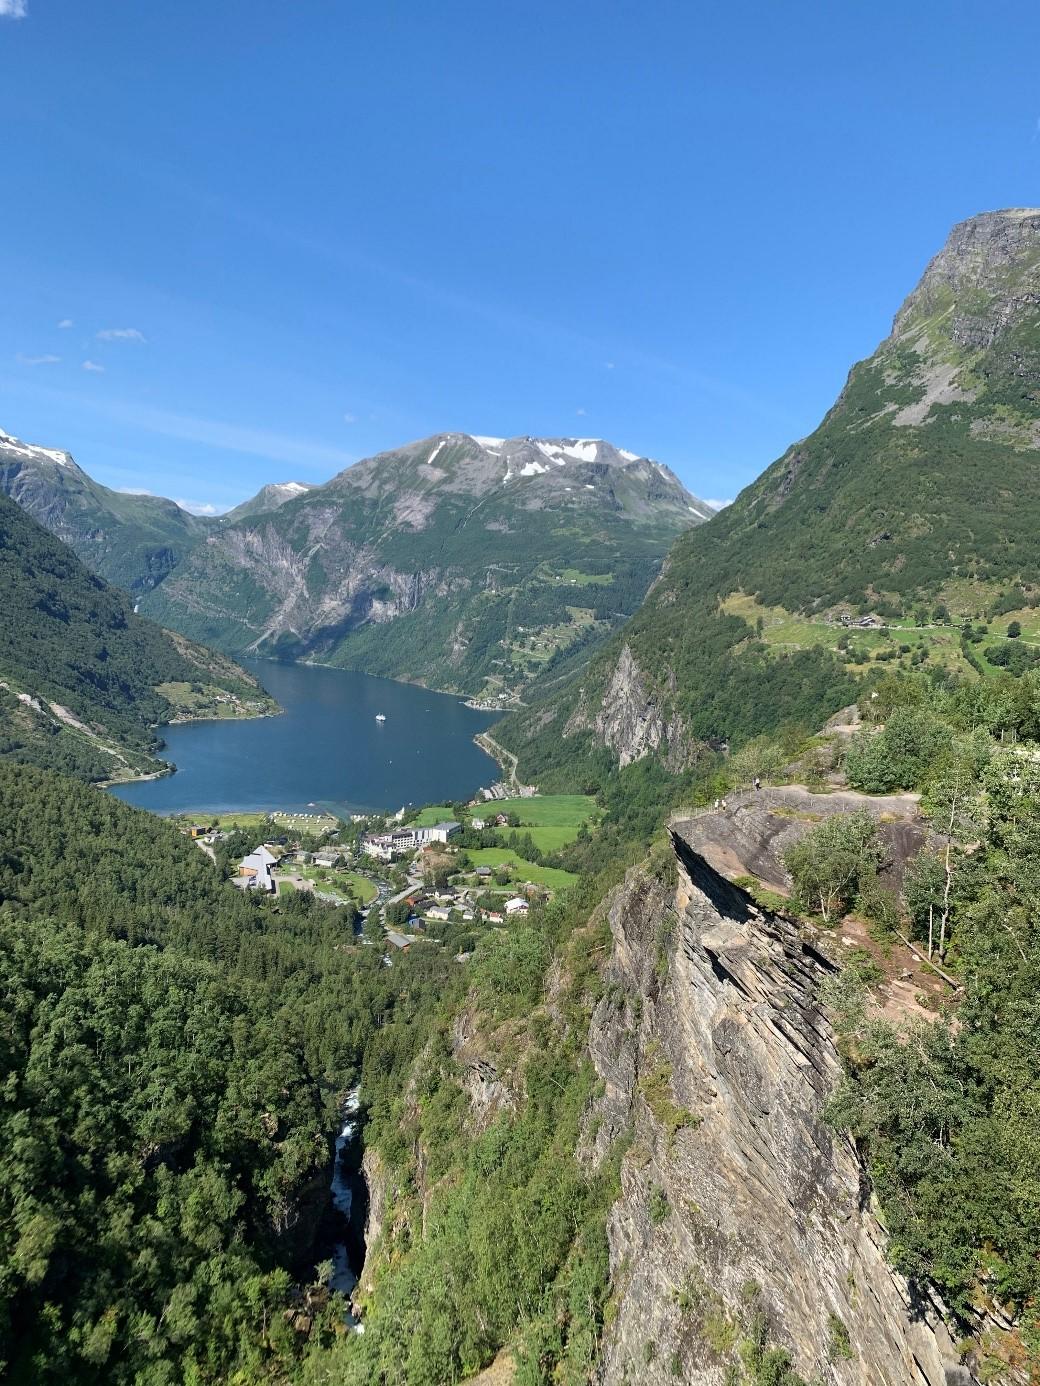 Bilde av Geirangerfjorden tatt fra høyden